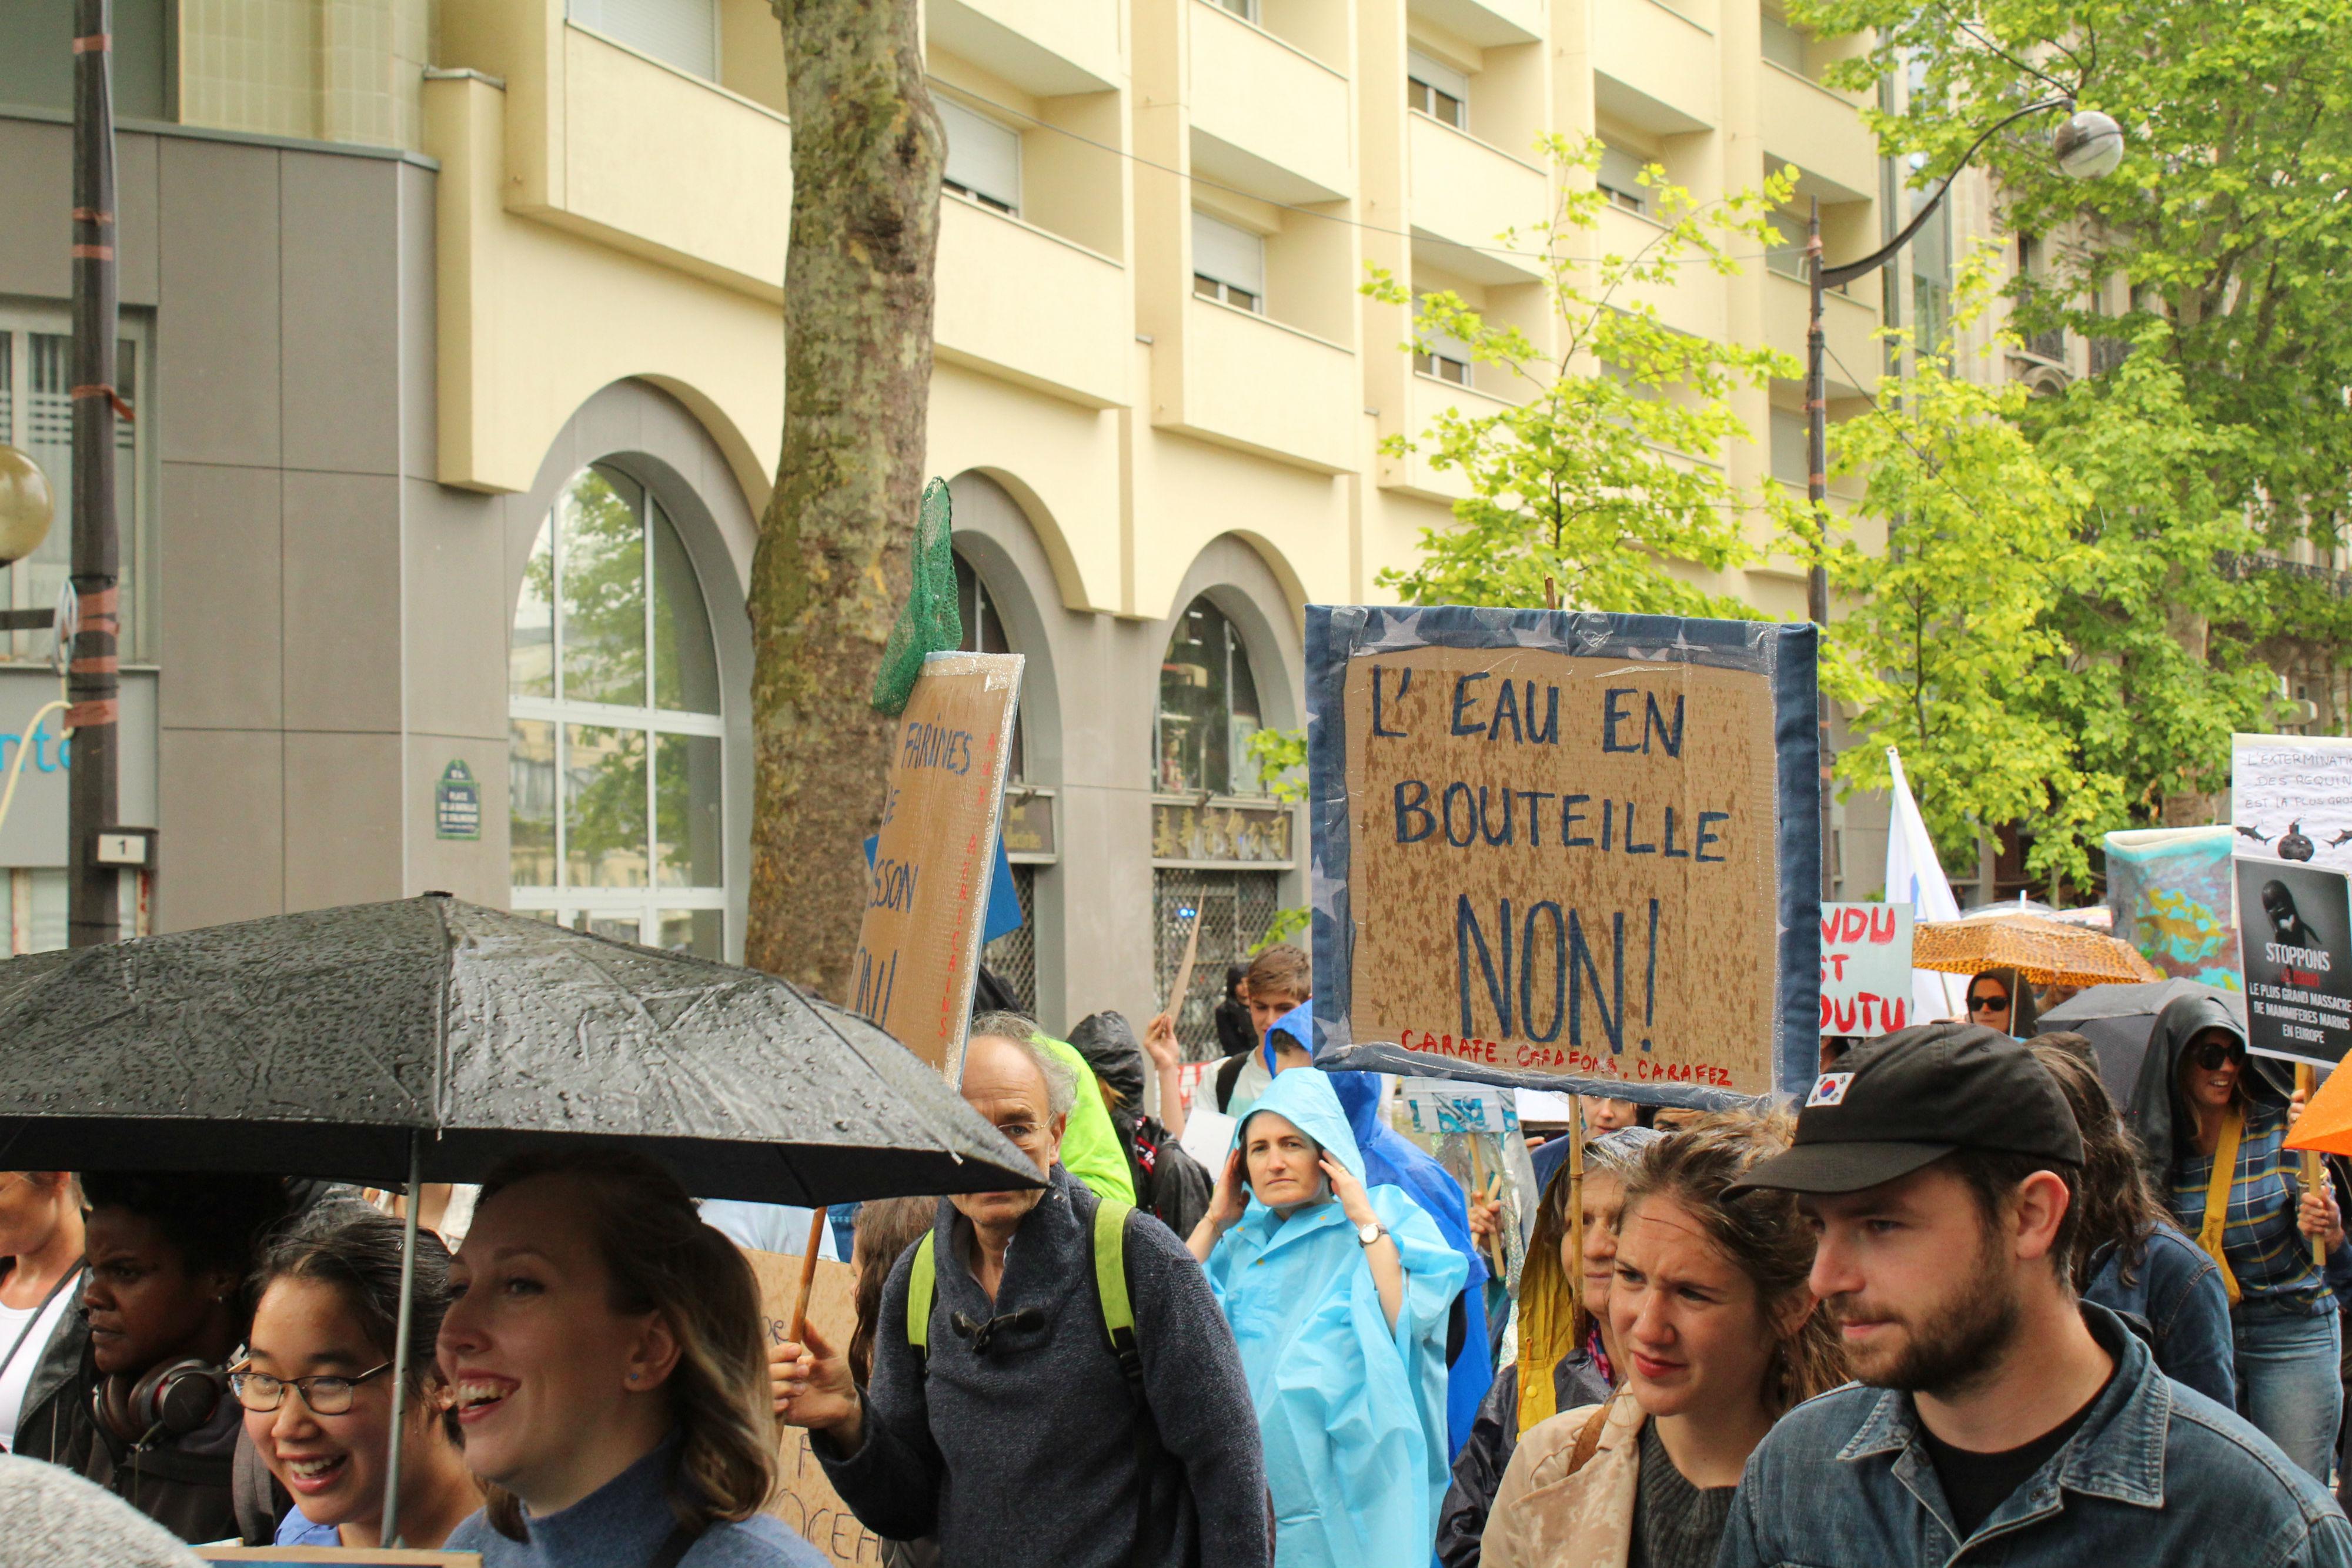 Entre pluie et éclaircies, les manifestant.e.s sont resté.e.s motivé.e.s tout au long de la Marche / ©Cypriane El-Chami